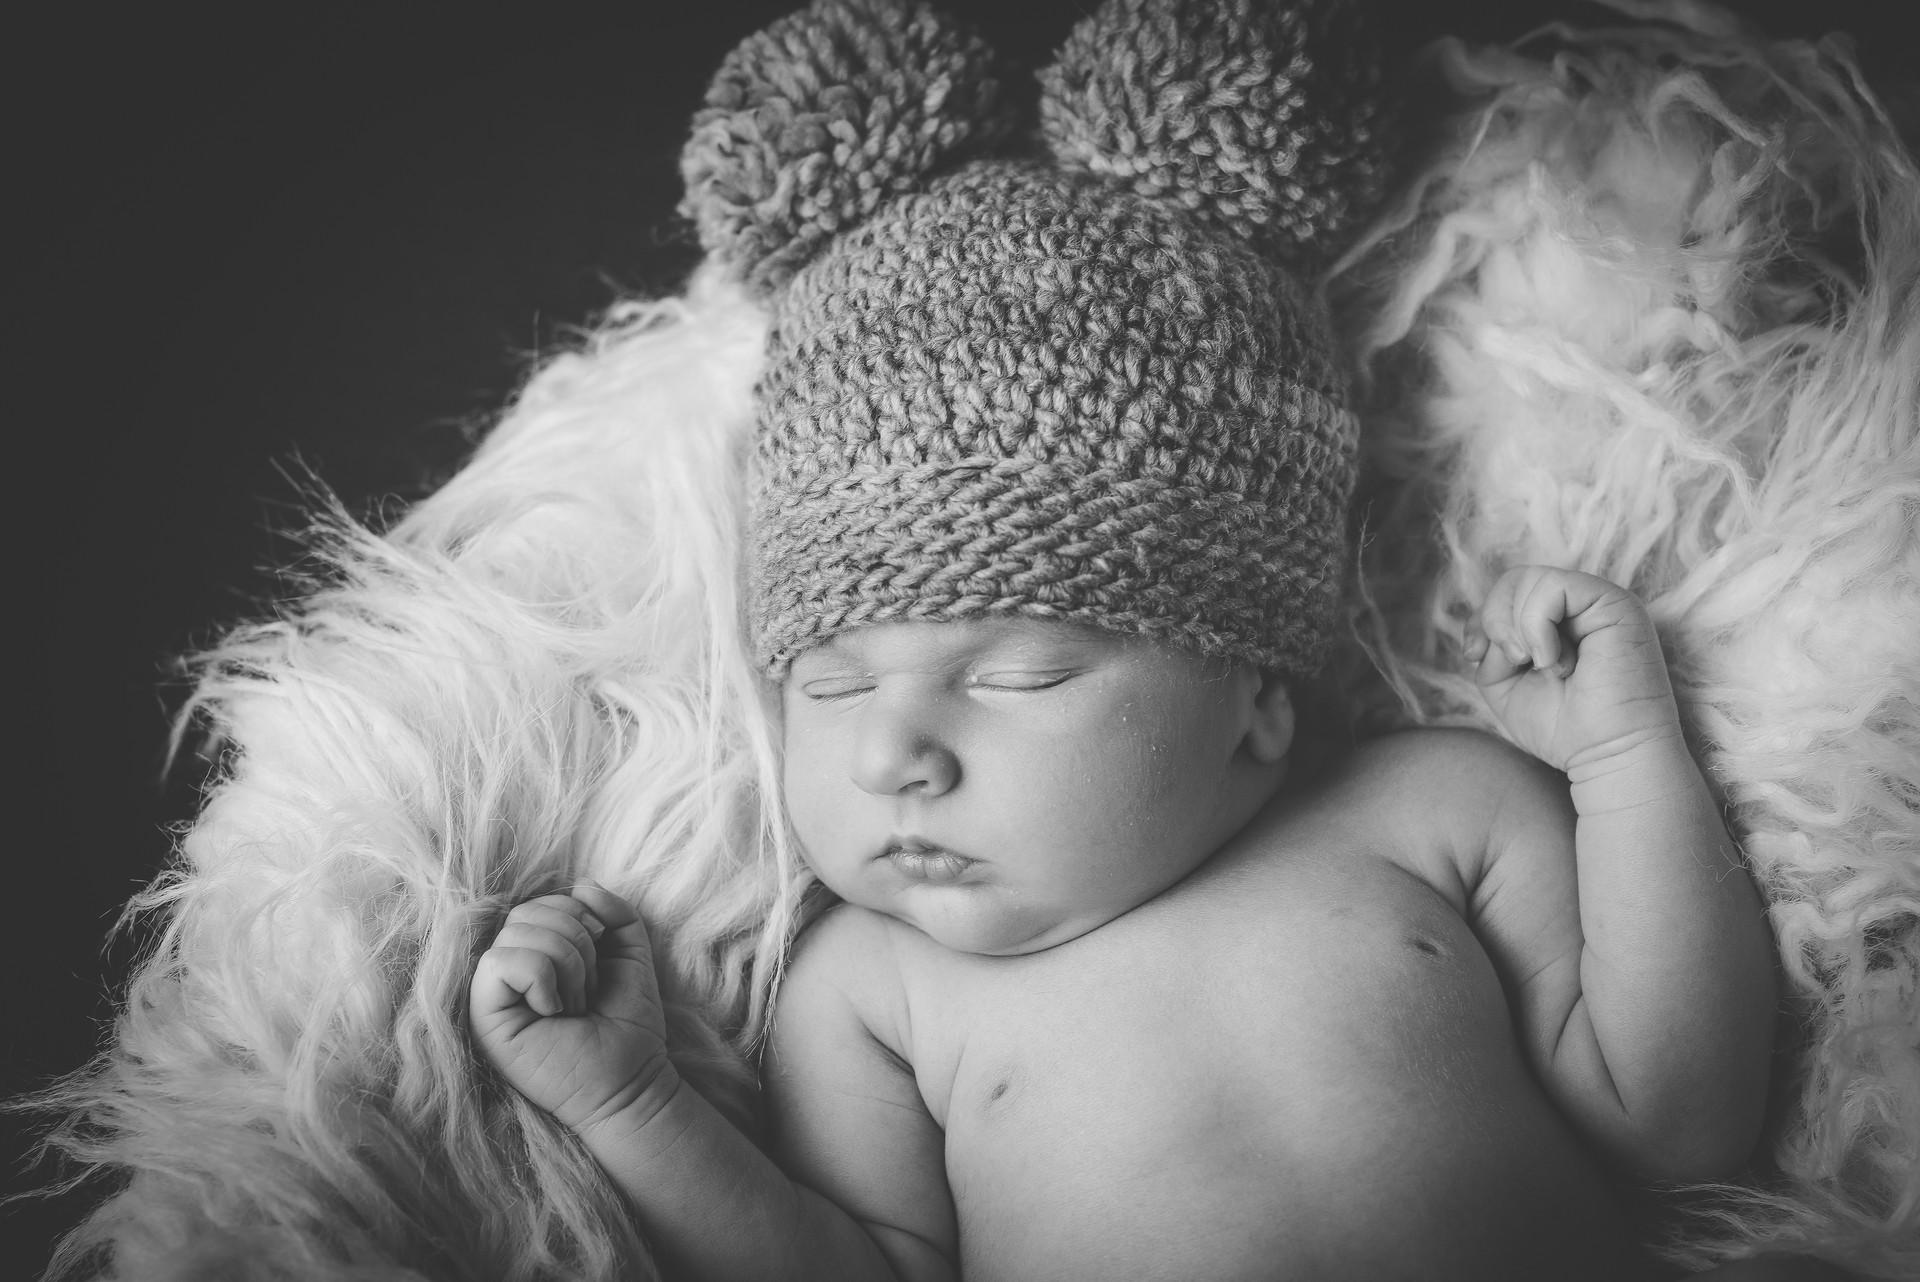 Sesión de fotos de bebé a domicilio en Barcelona colecciona momentos